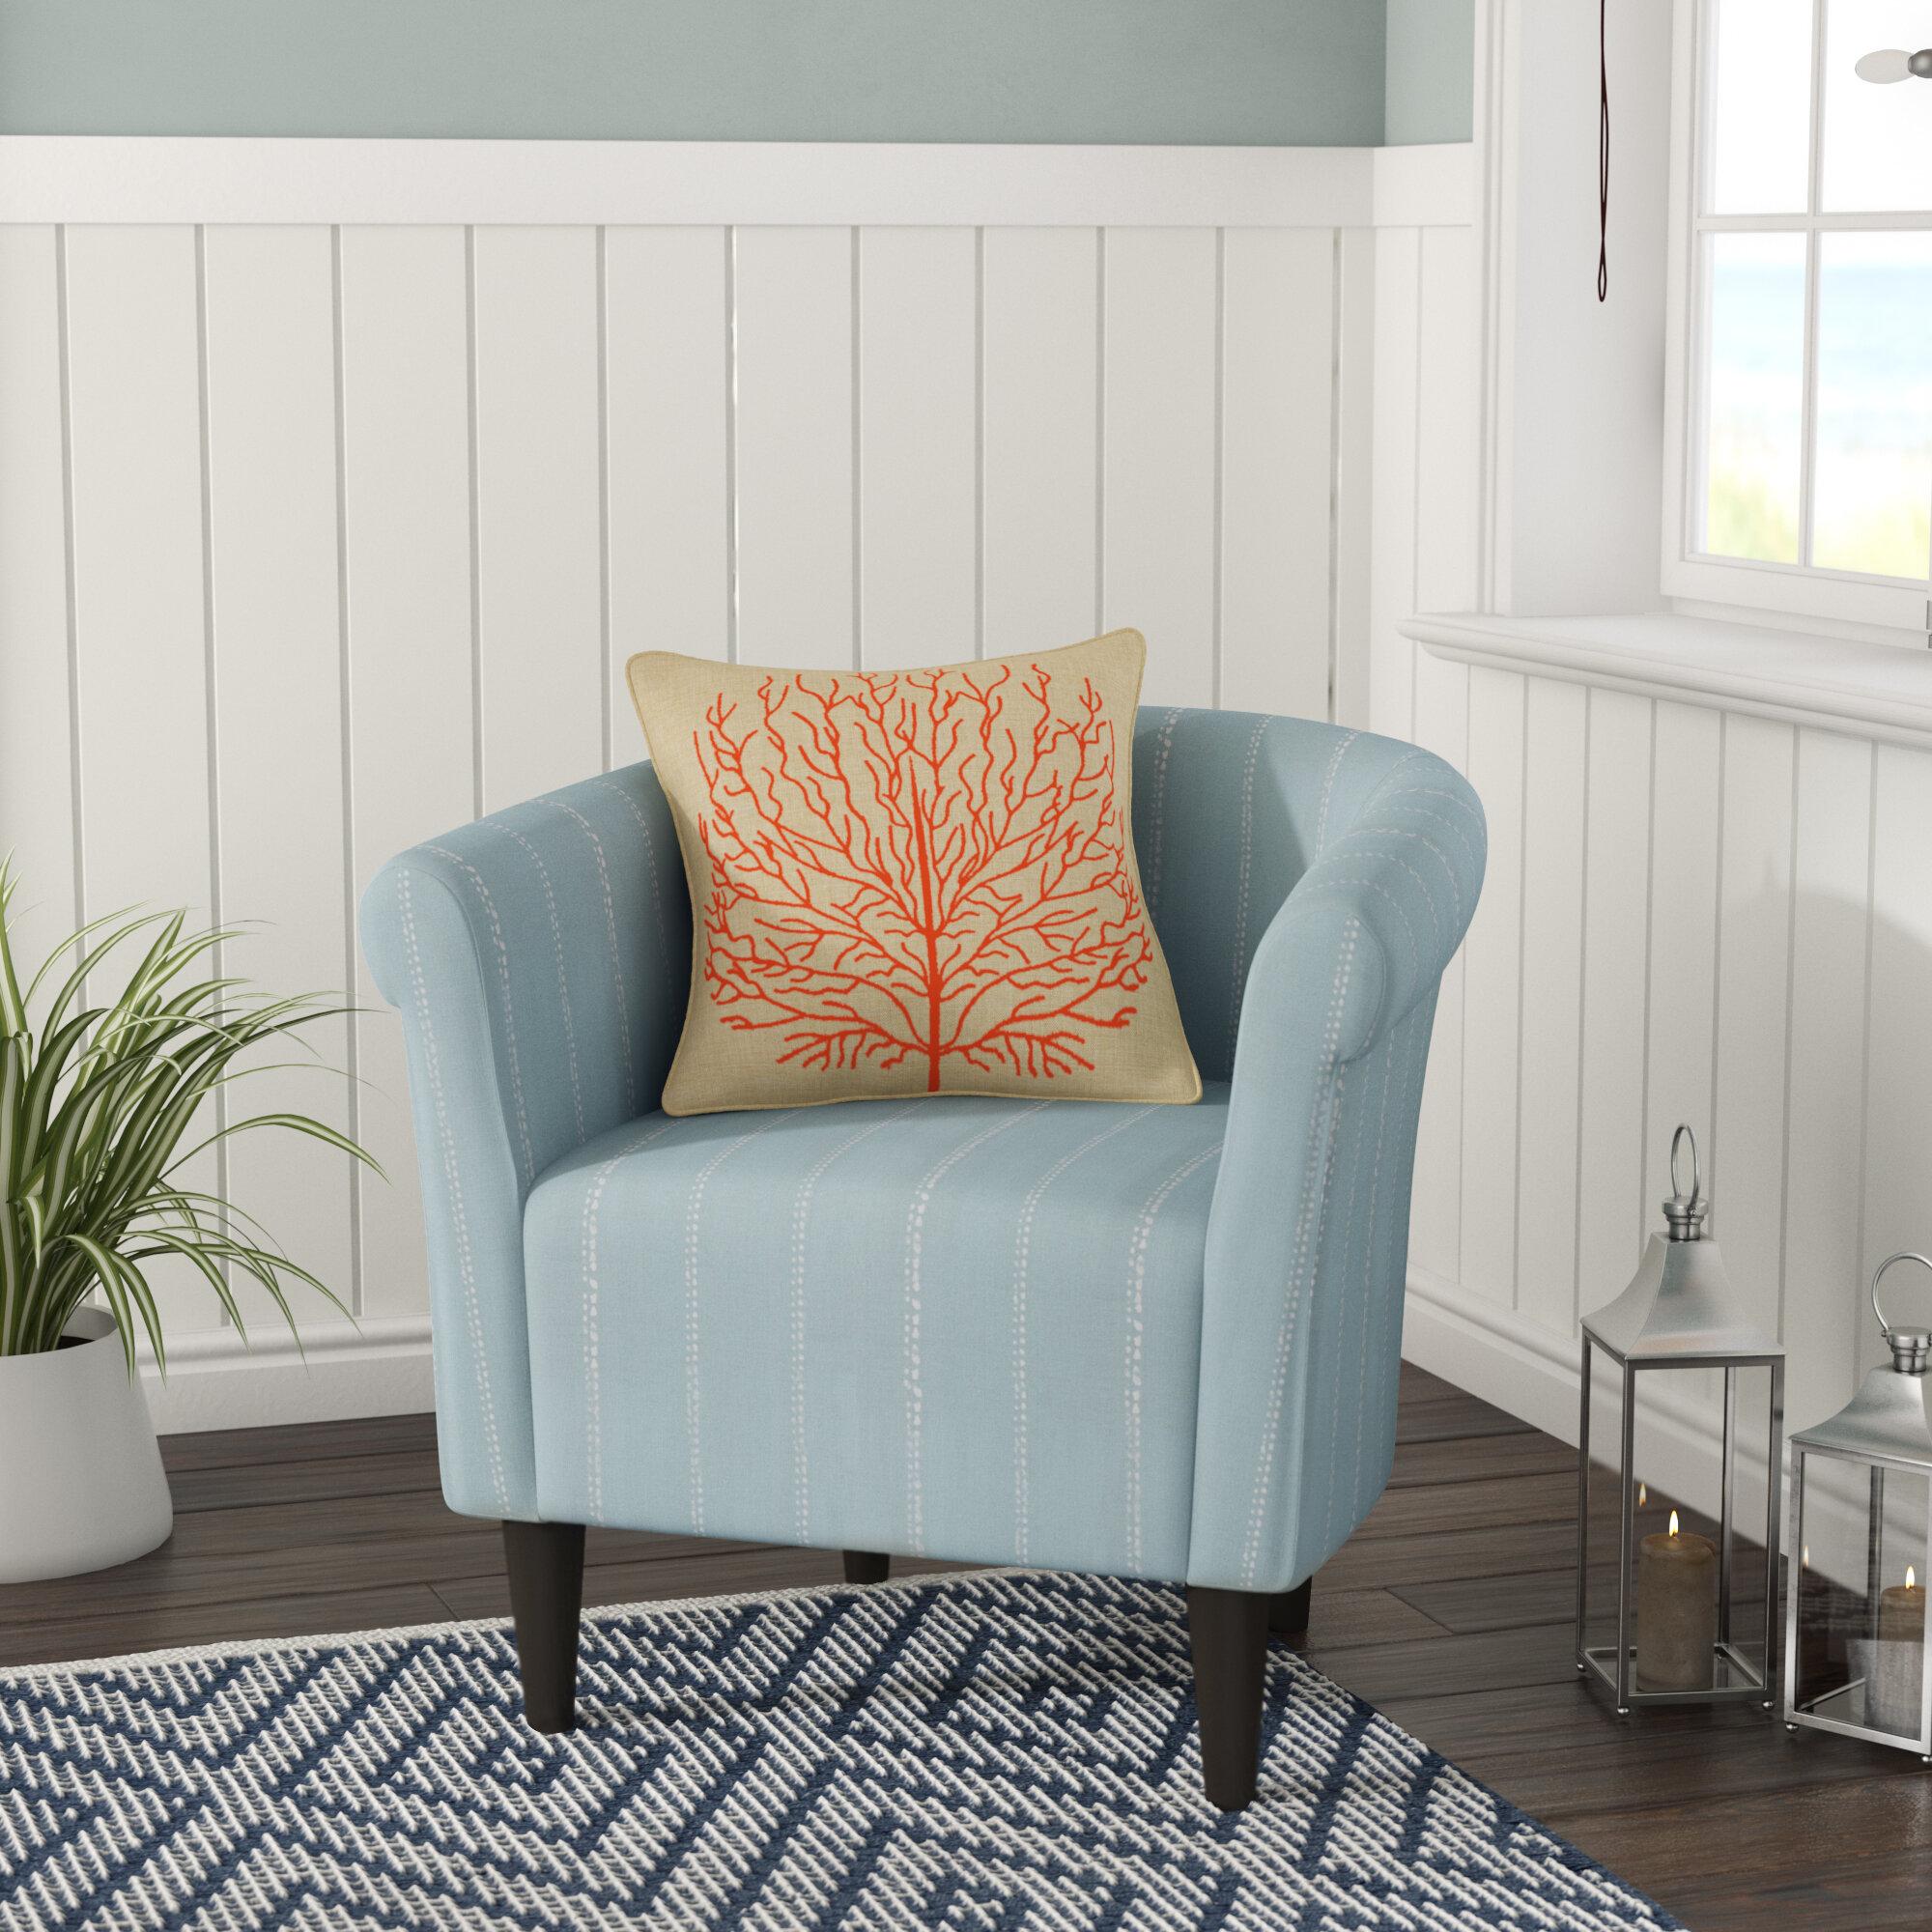 Highland Dunes Ashberry Barrel Chair & Reviews | Wayfair